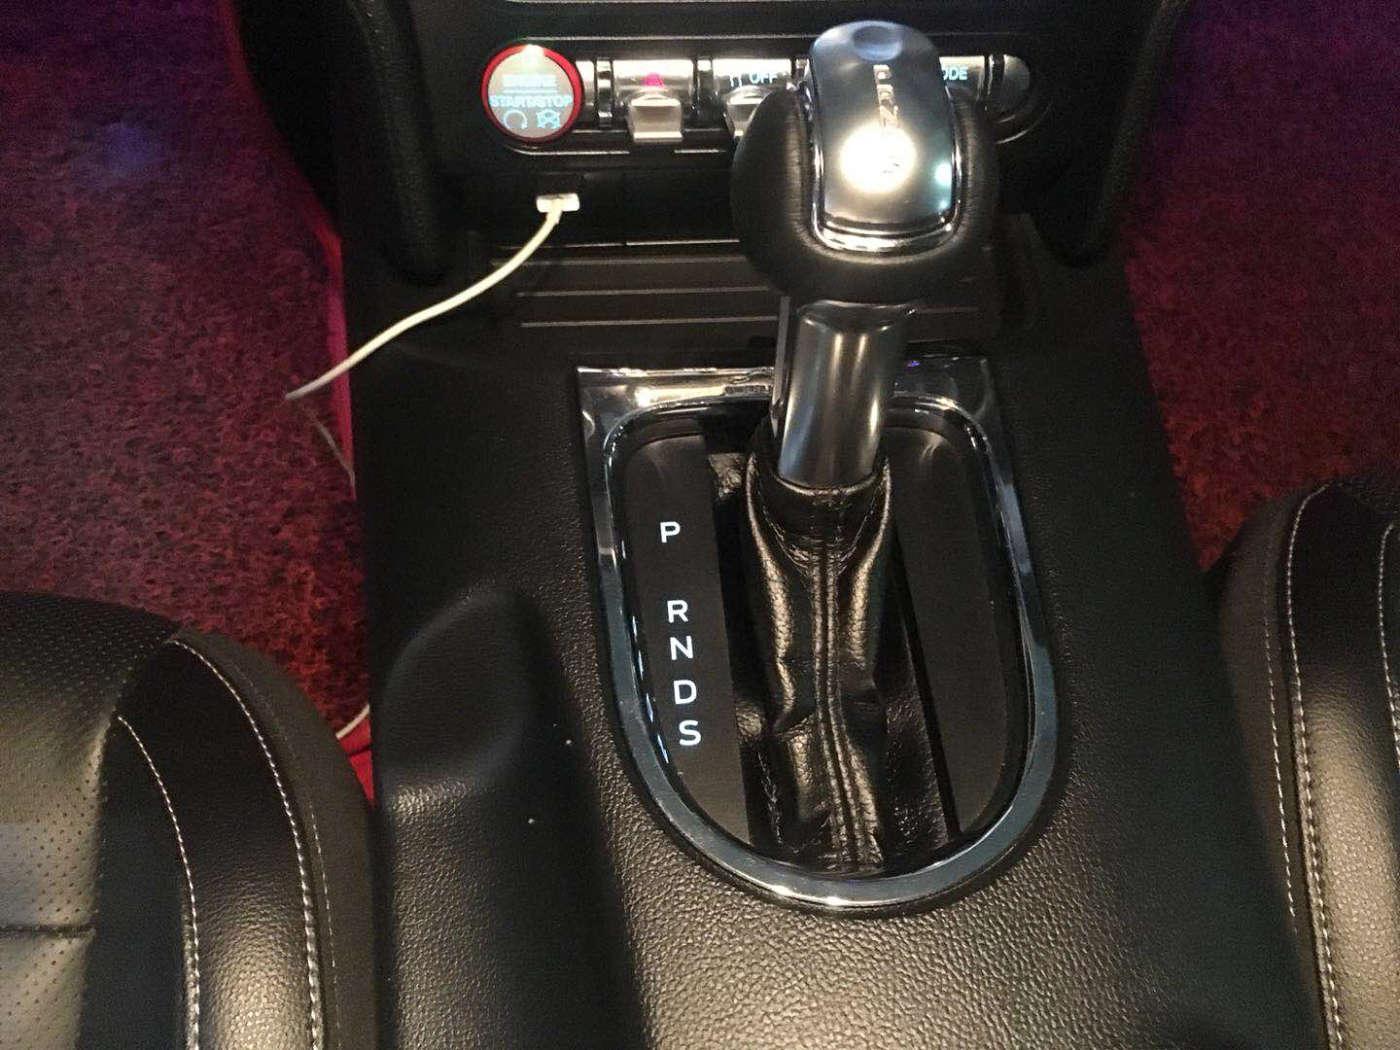 2015年08月 福特 2015款 野马 2.3T 运动版|甄选福特-北京卡斯基汽车服务有限公司